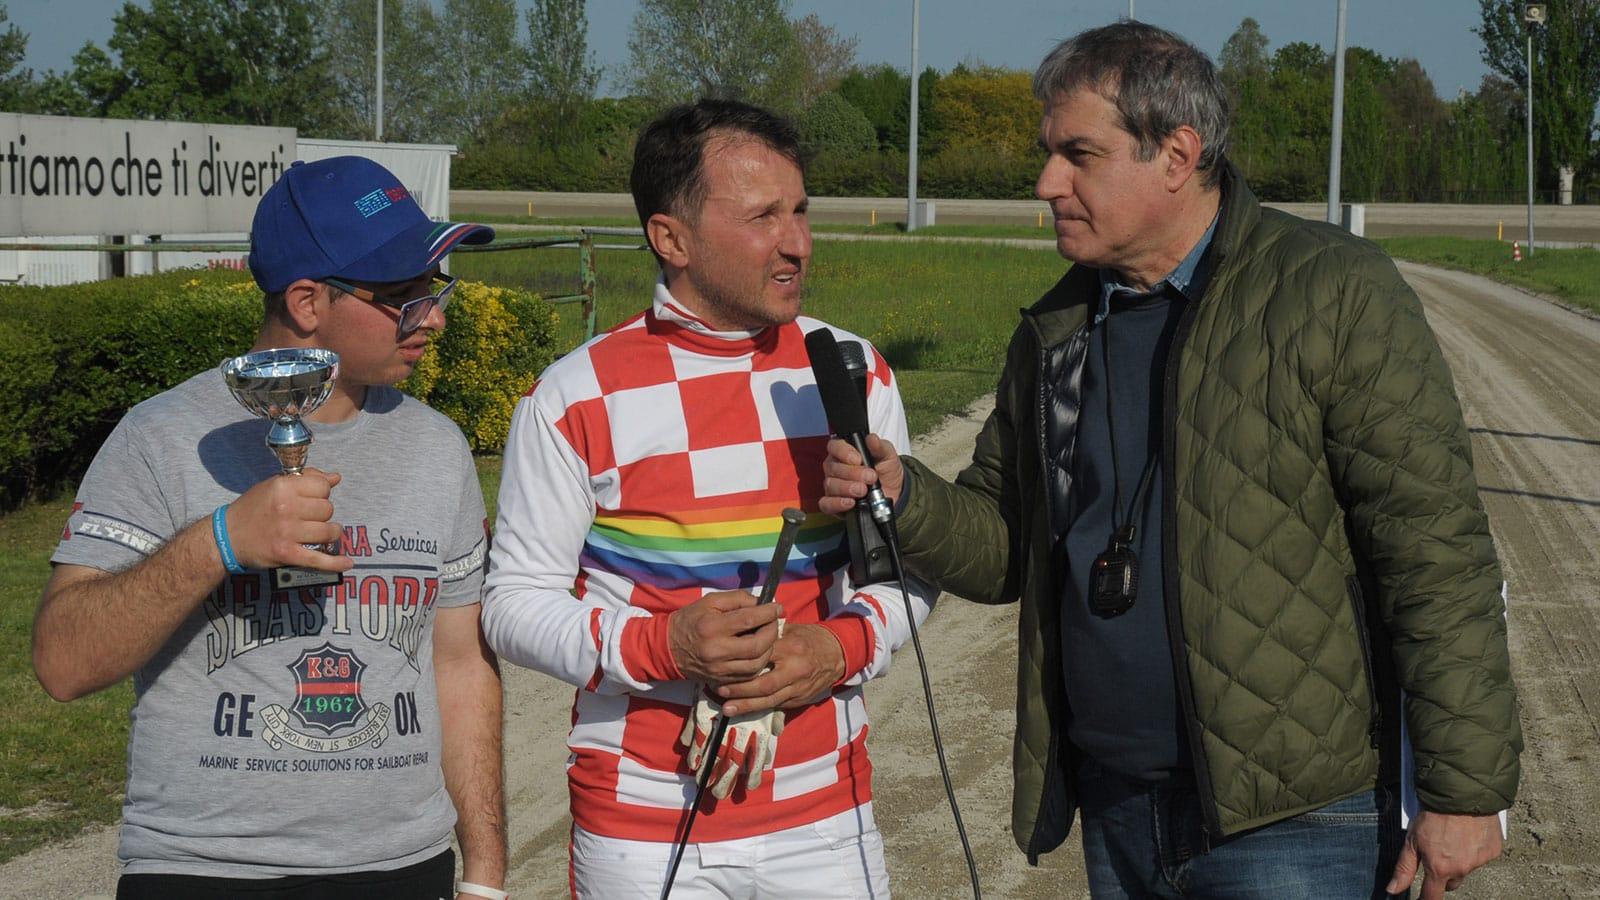 19-04-2019-corsa-4-03